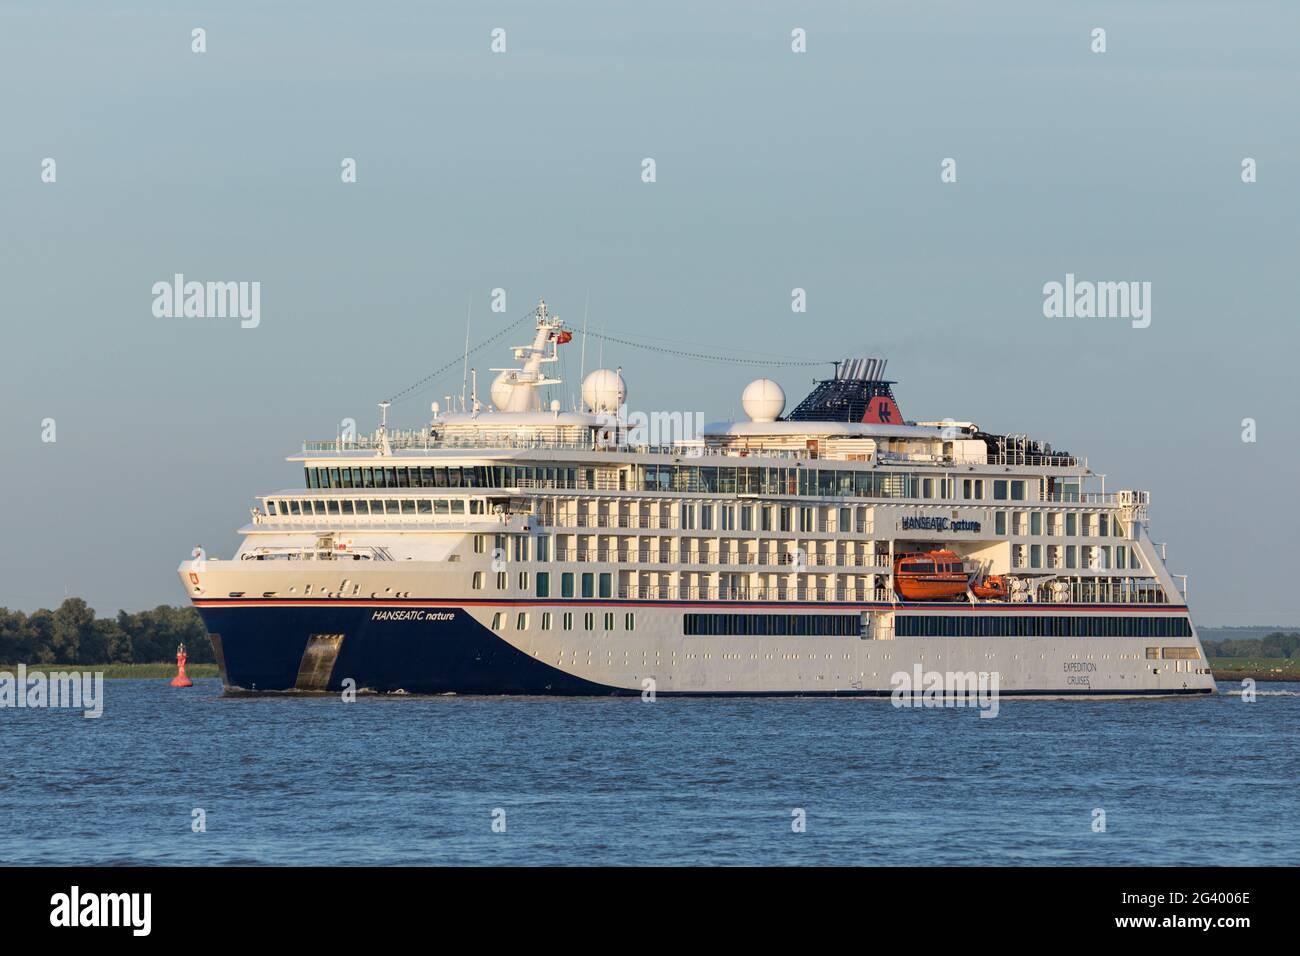 Stade, Alemania - June15, 2021: Expedición crucero NATURALEZA HANSEÁTICA sobre el río Elba en un viaje a Noruega Foto de stock